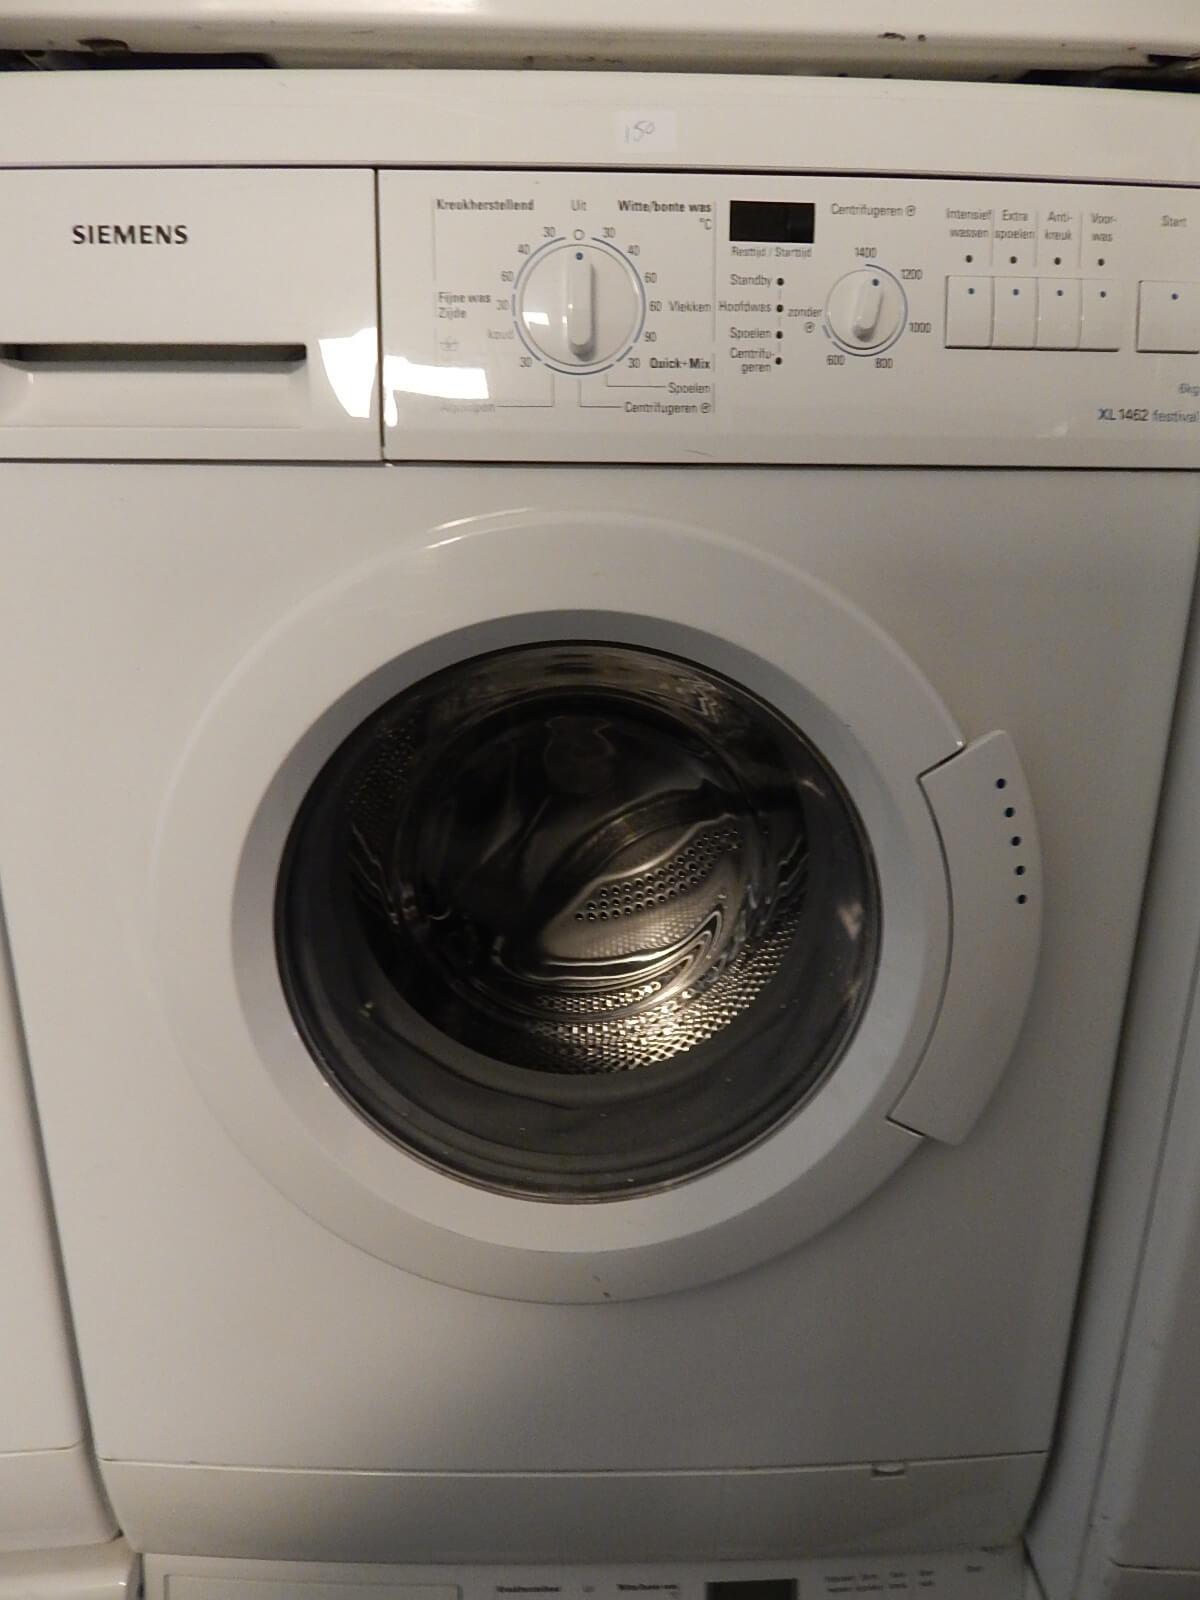 Gebruikte Siemens wasmachine